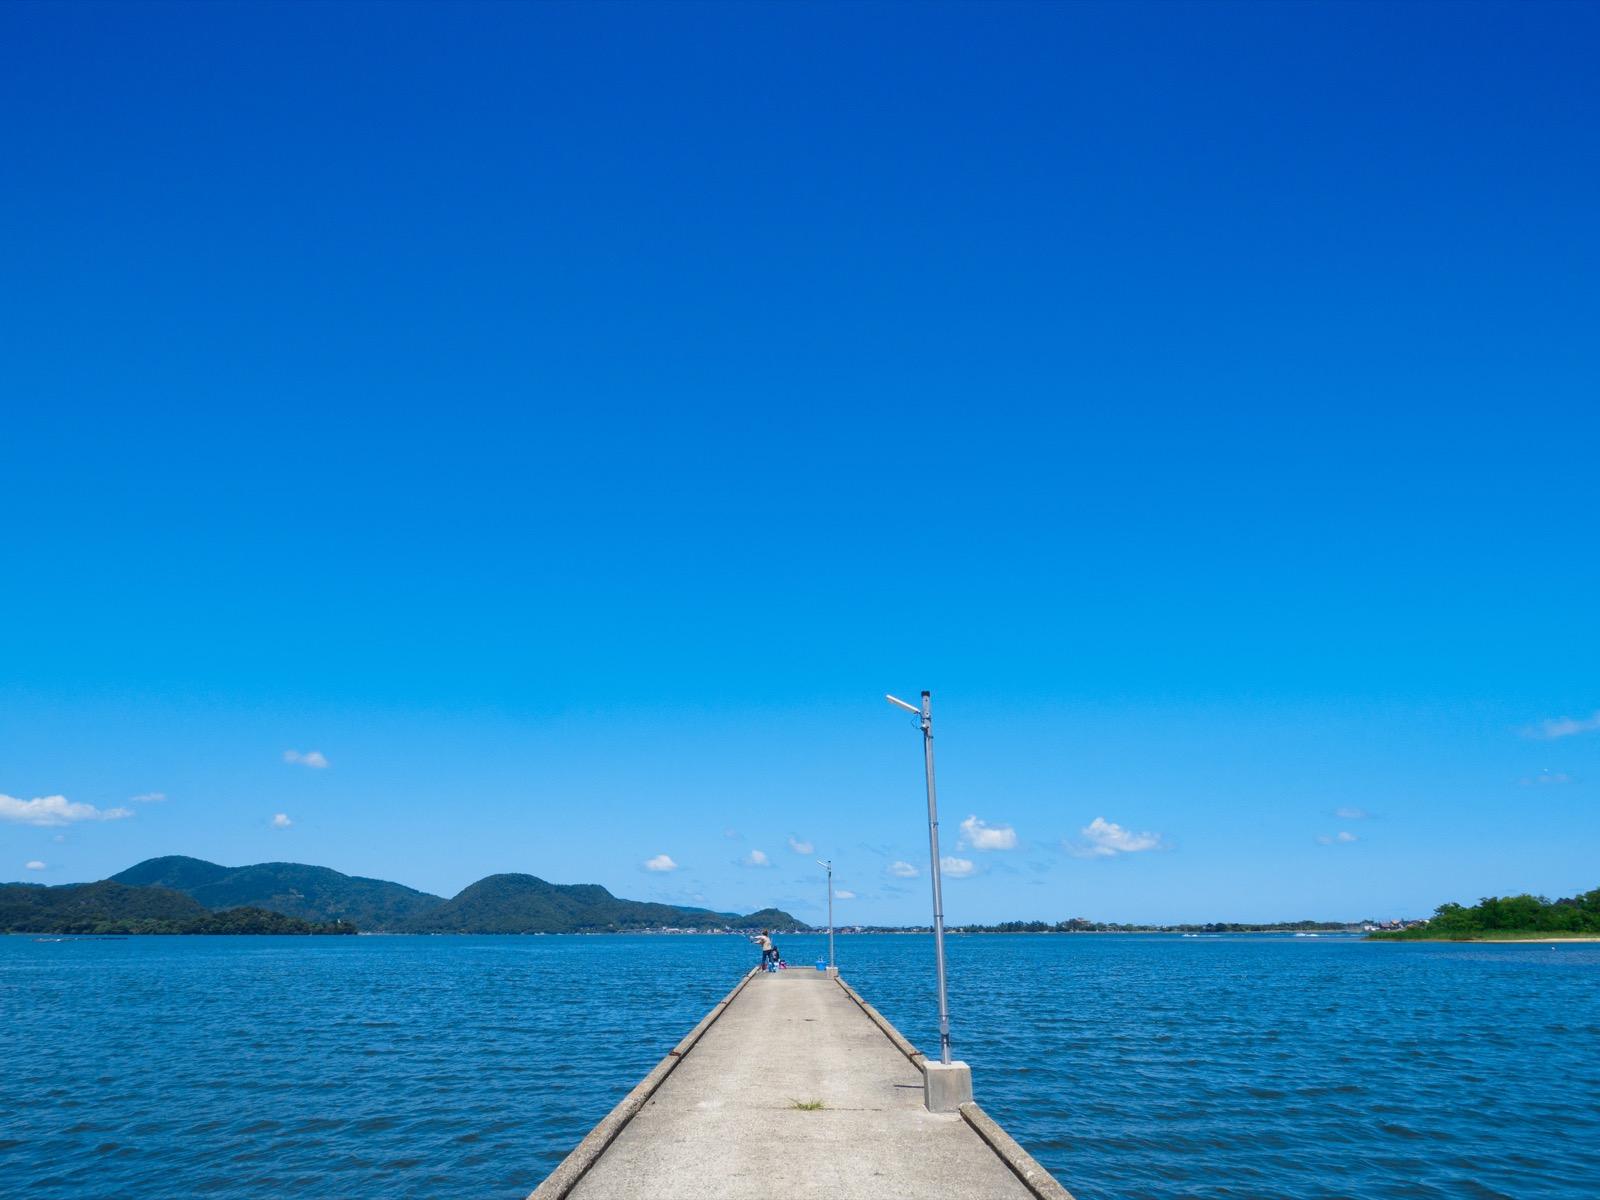 小天橋駅前の突堤と久美浜湾